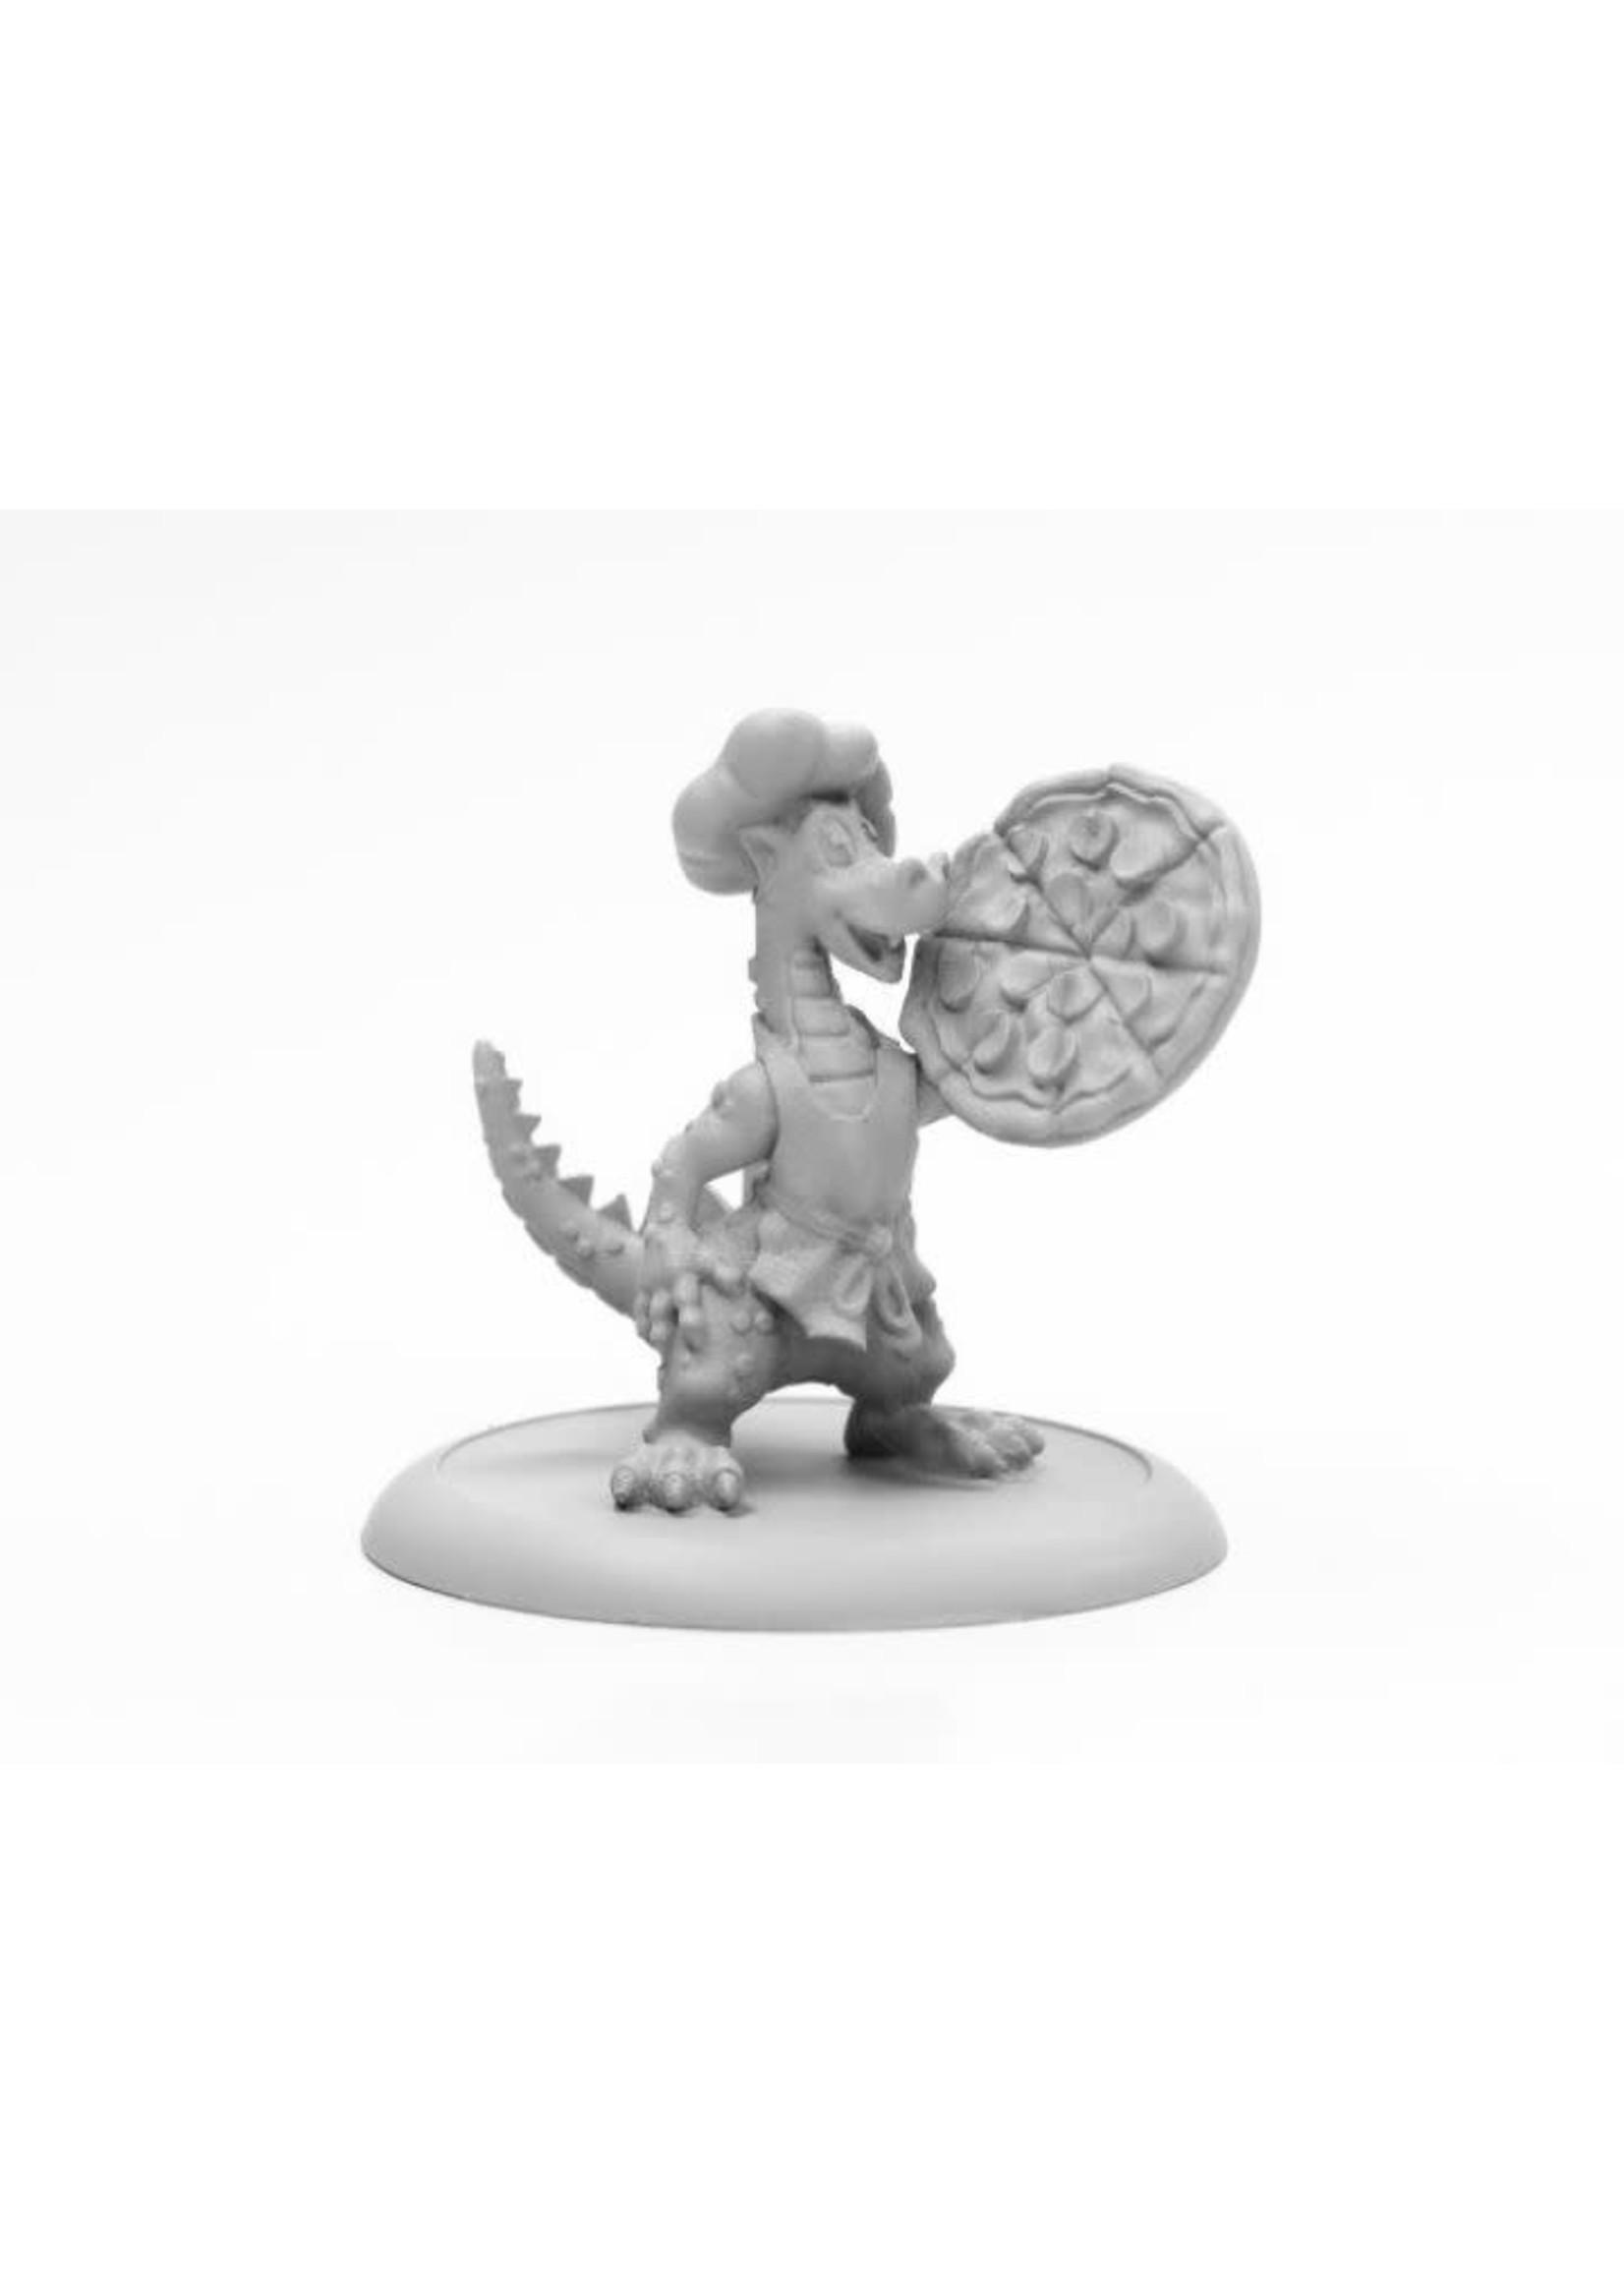 04003 Petey, Pizza Dungeon Dragon